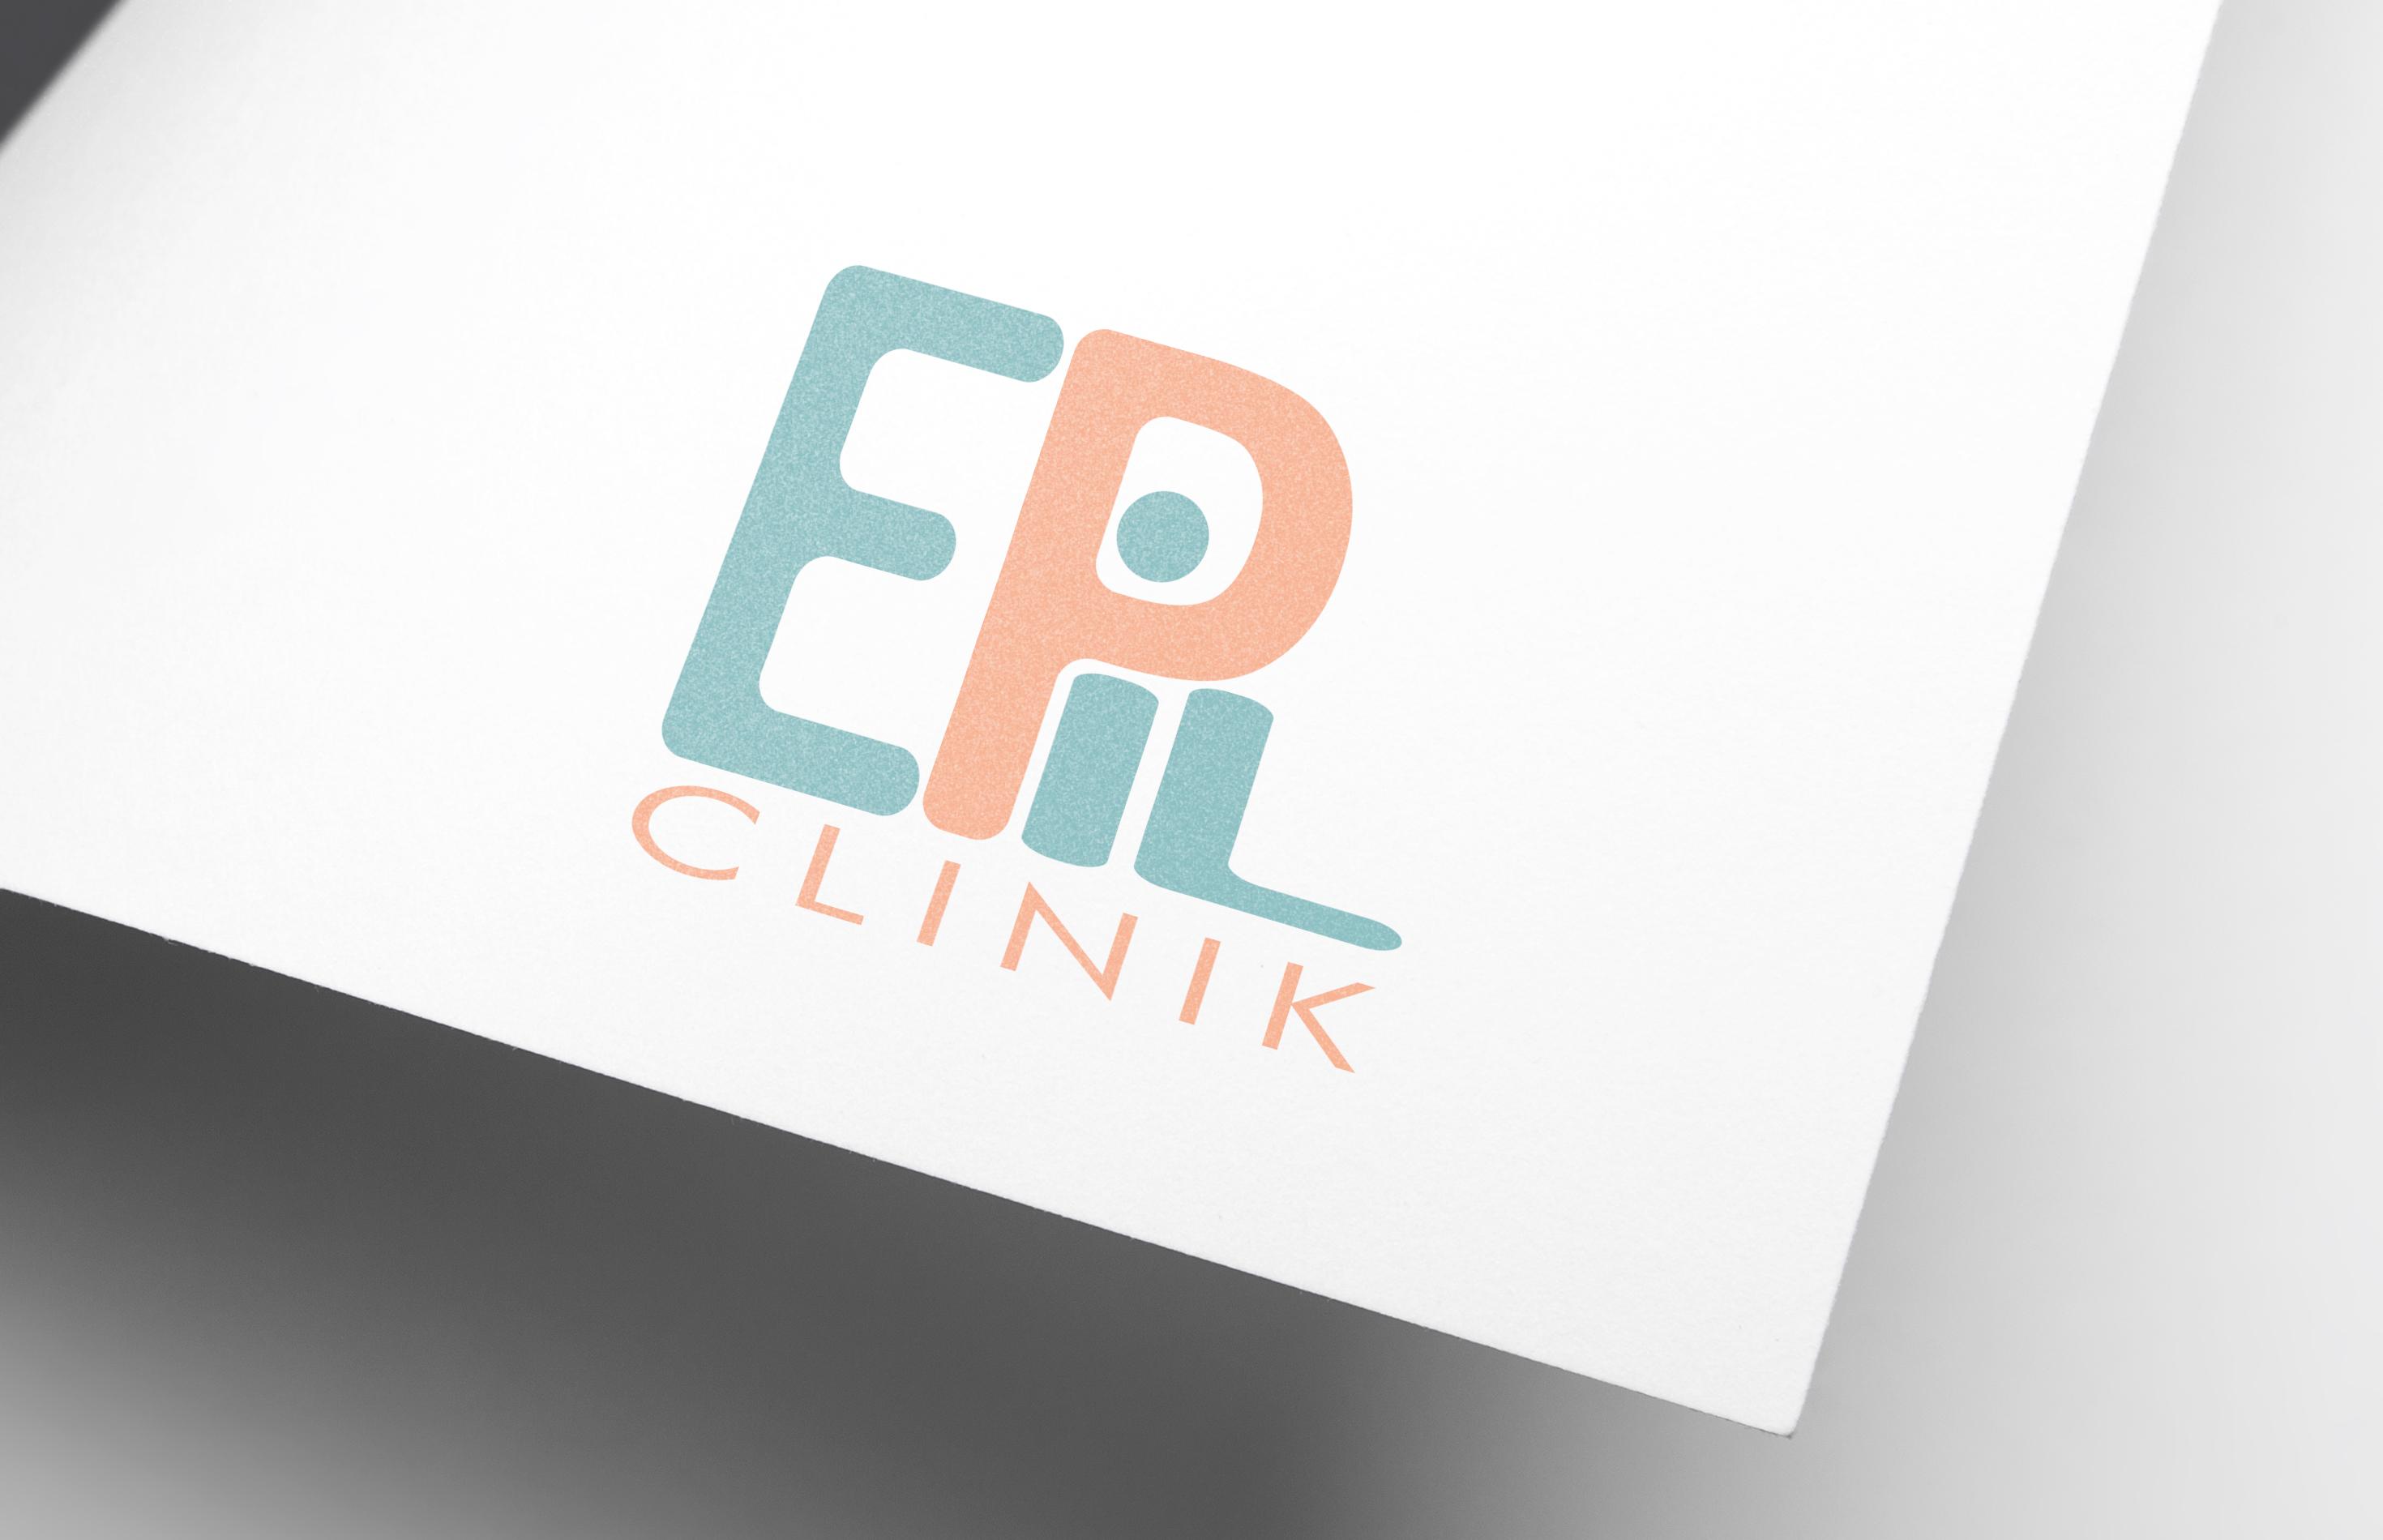 Логотип , фирменный стиль  фото f_5305e1e0fa7b54a9.jpg